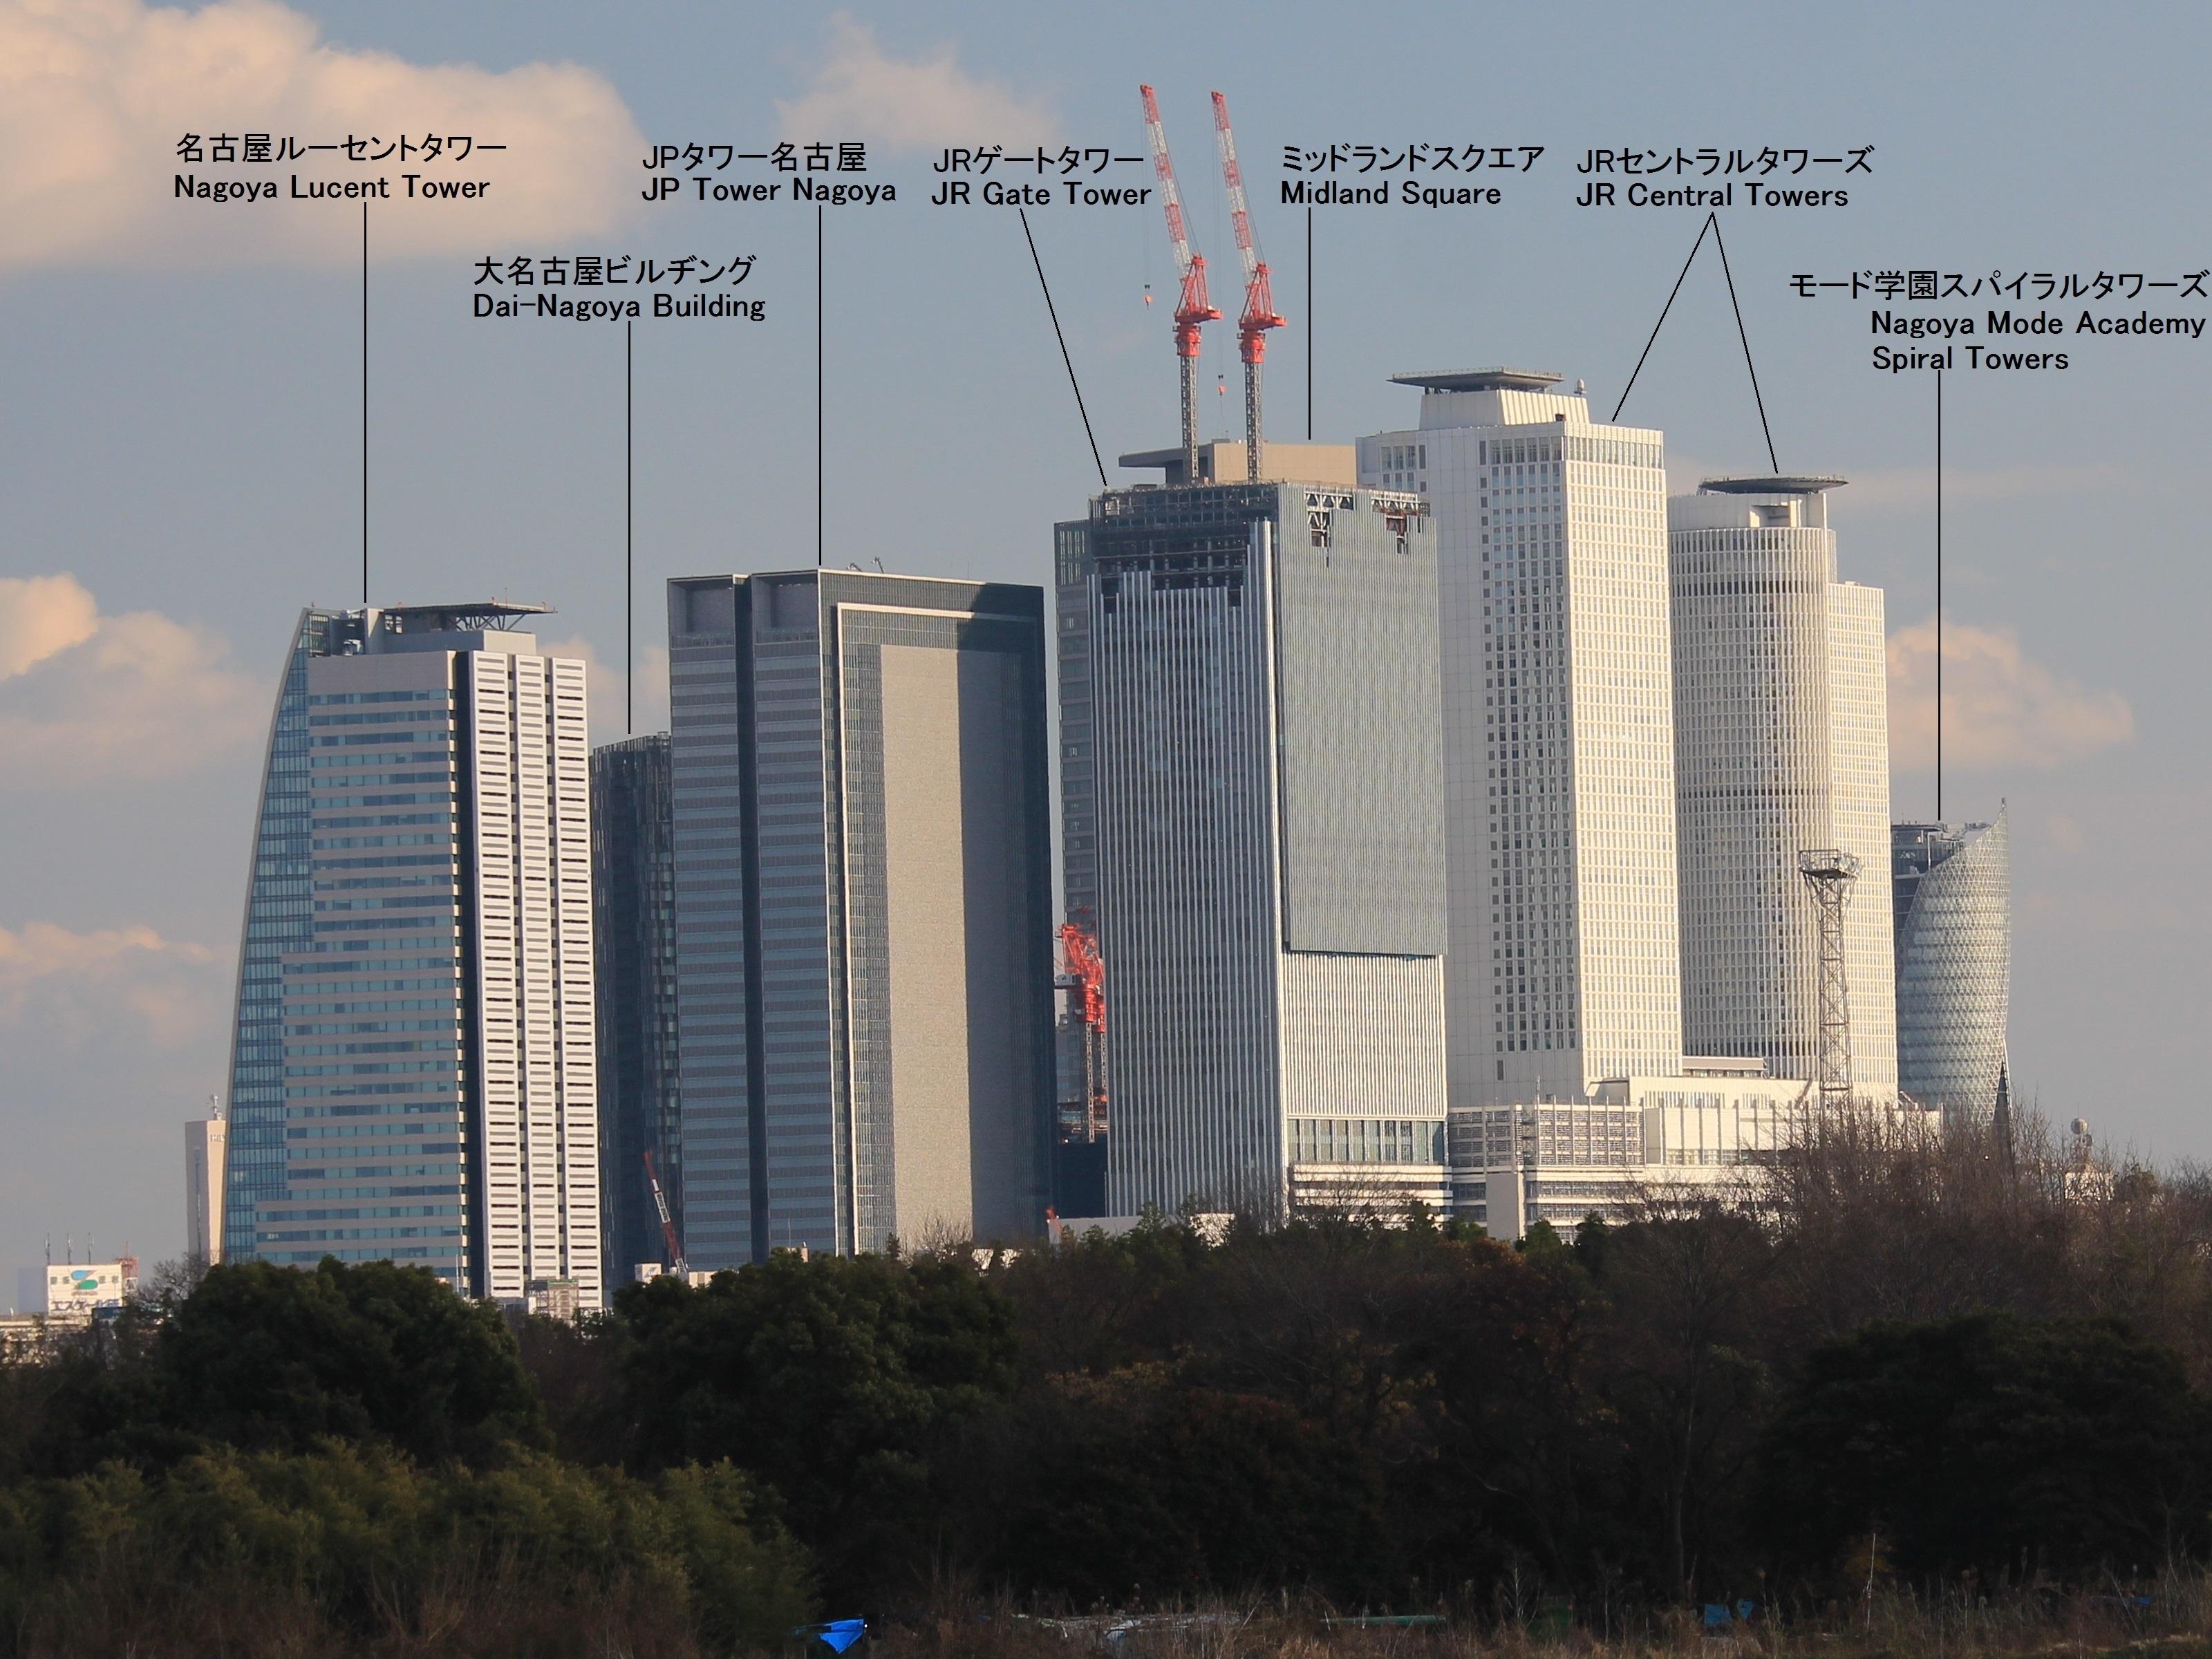 愛知県の超高層建築物の一覧